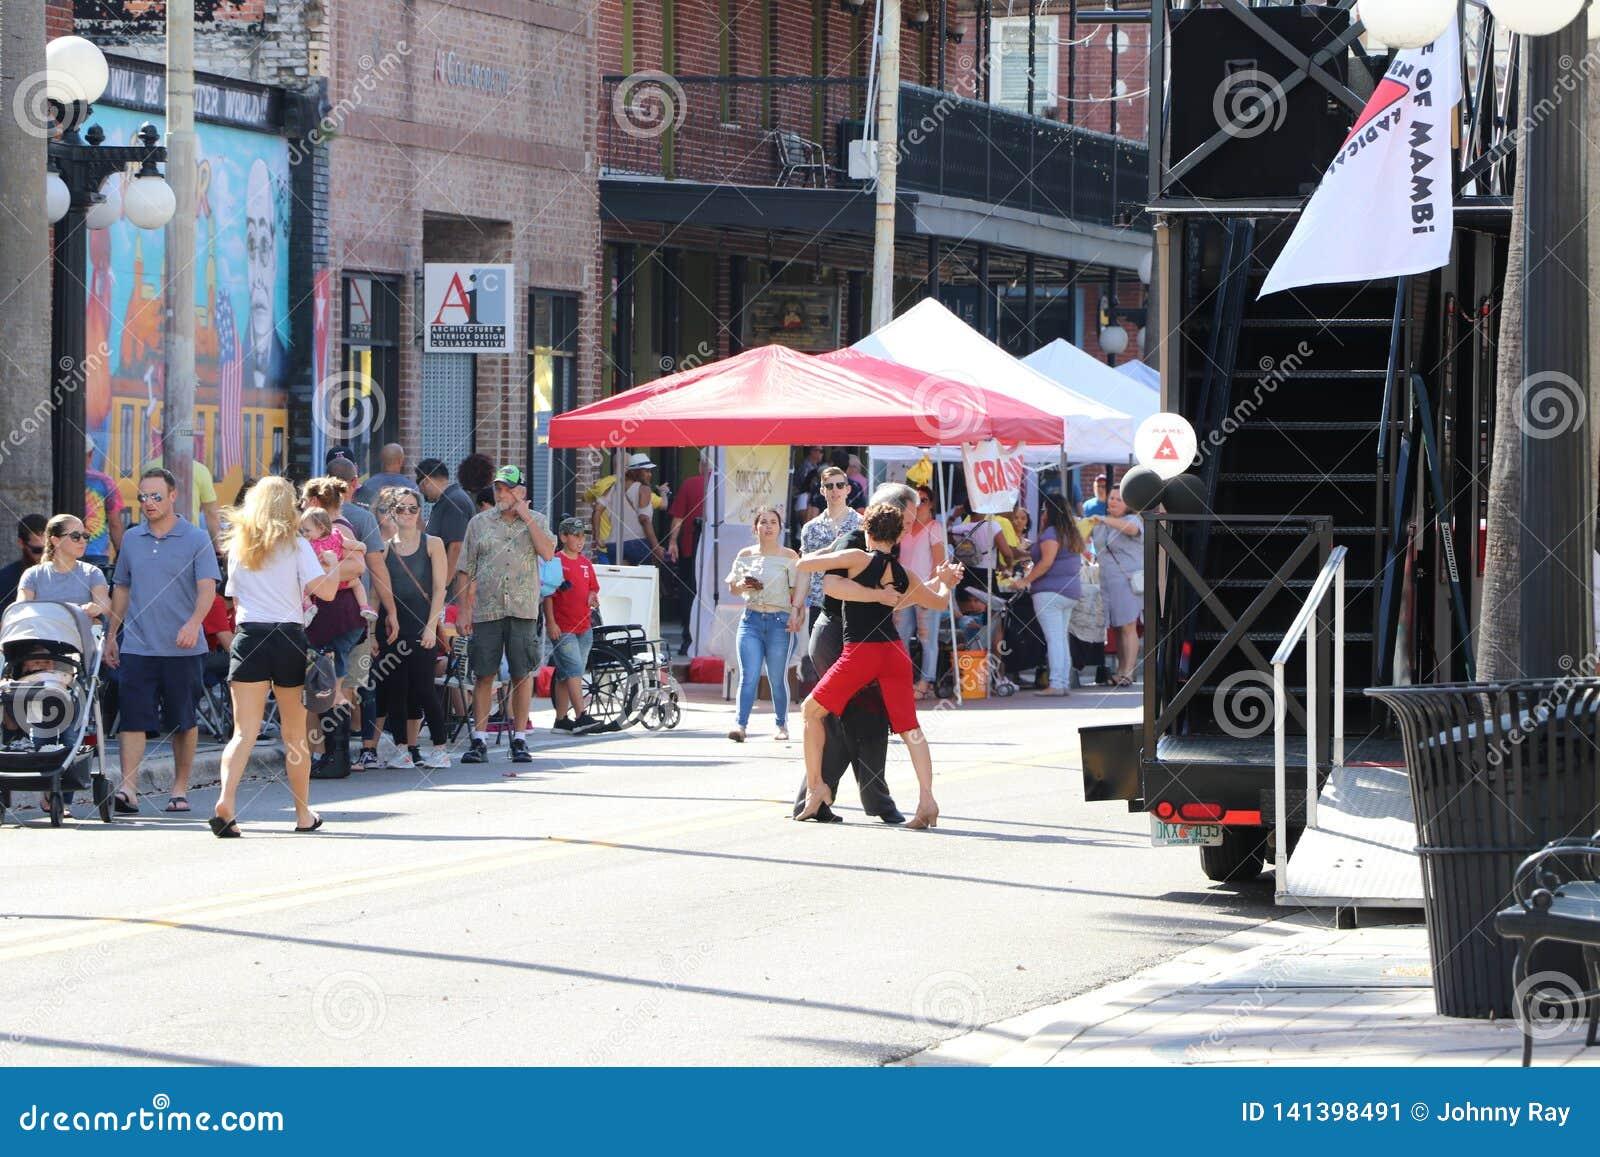 Historische de erfenisviering van de Yborstad met tango die in de straten dansen